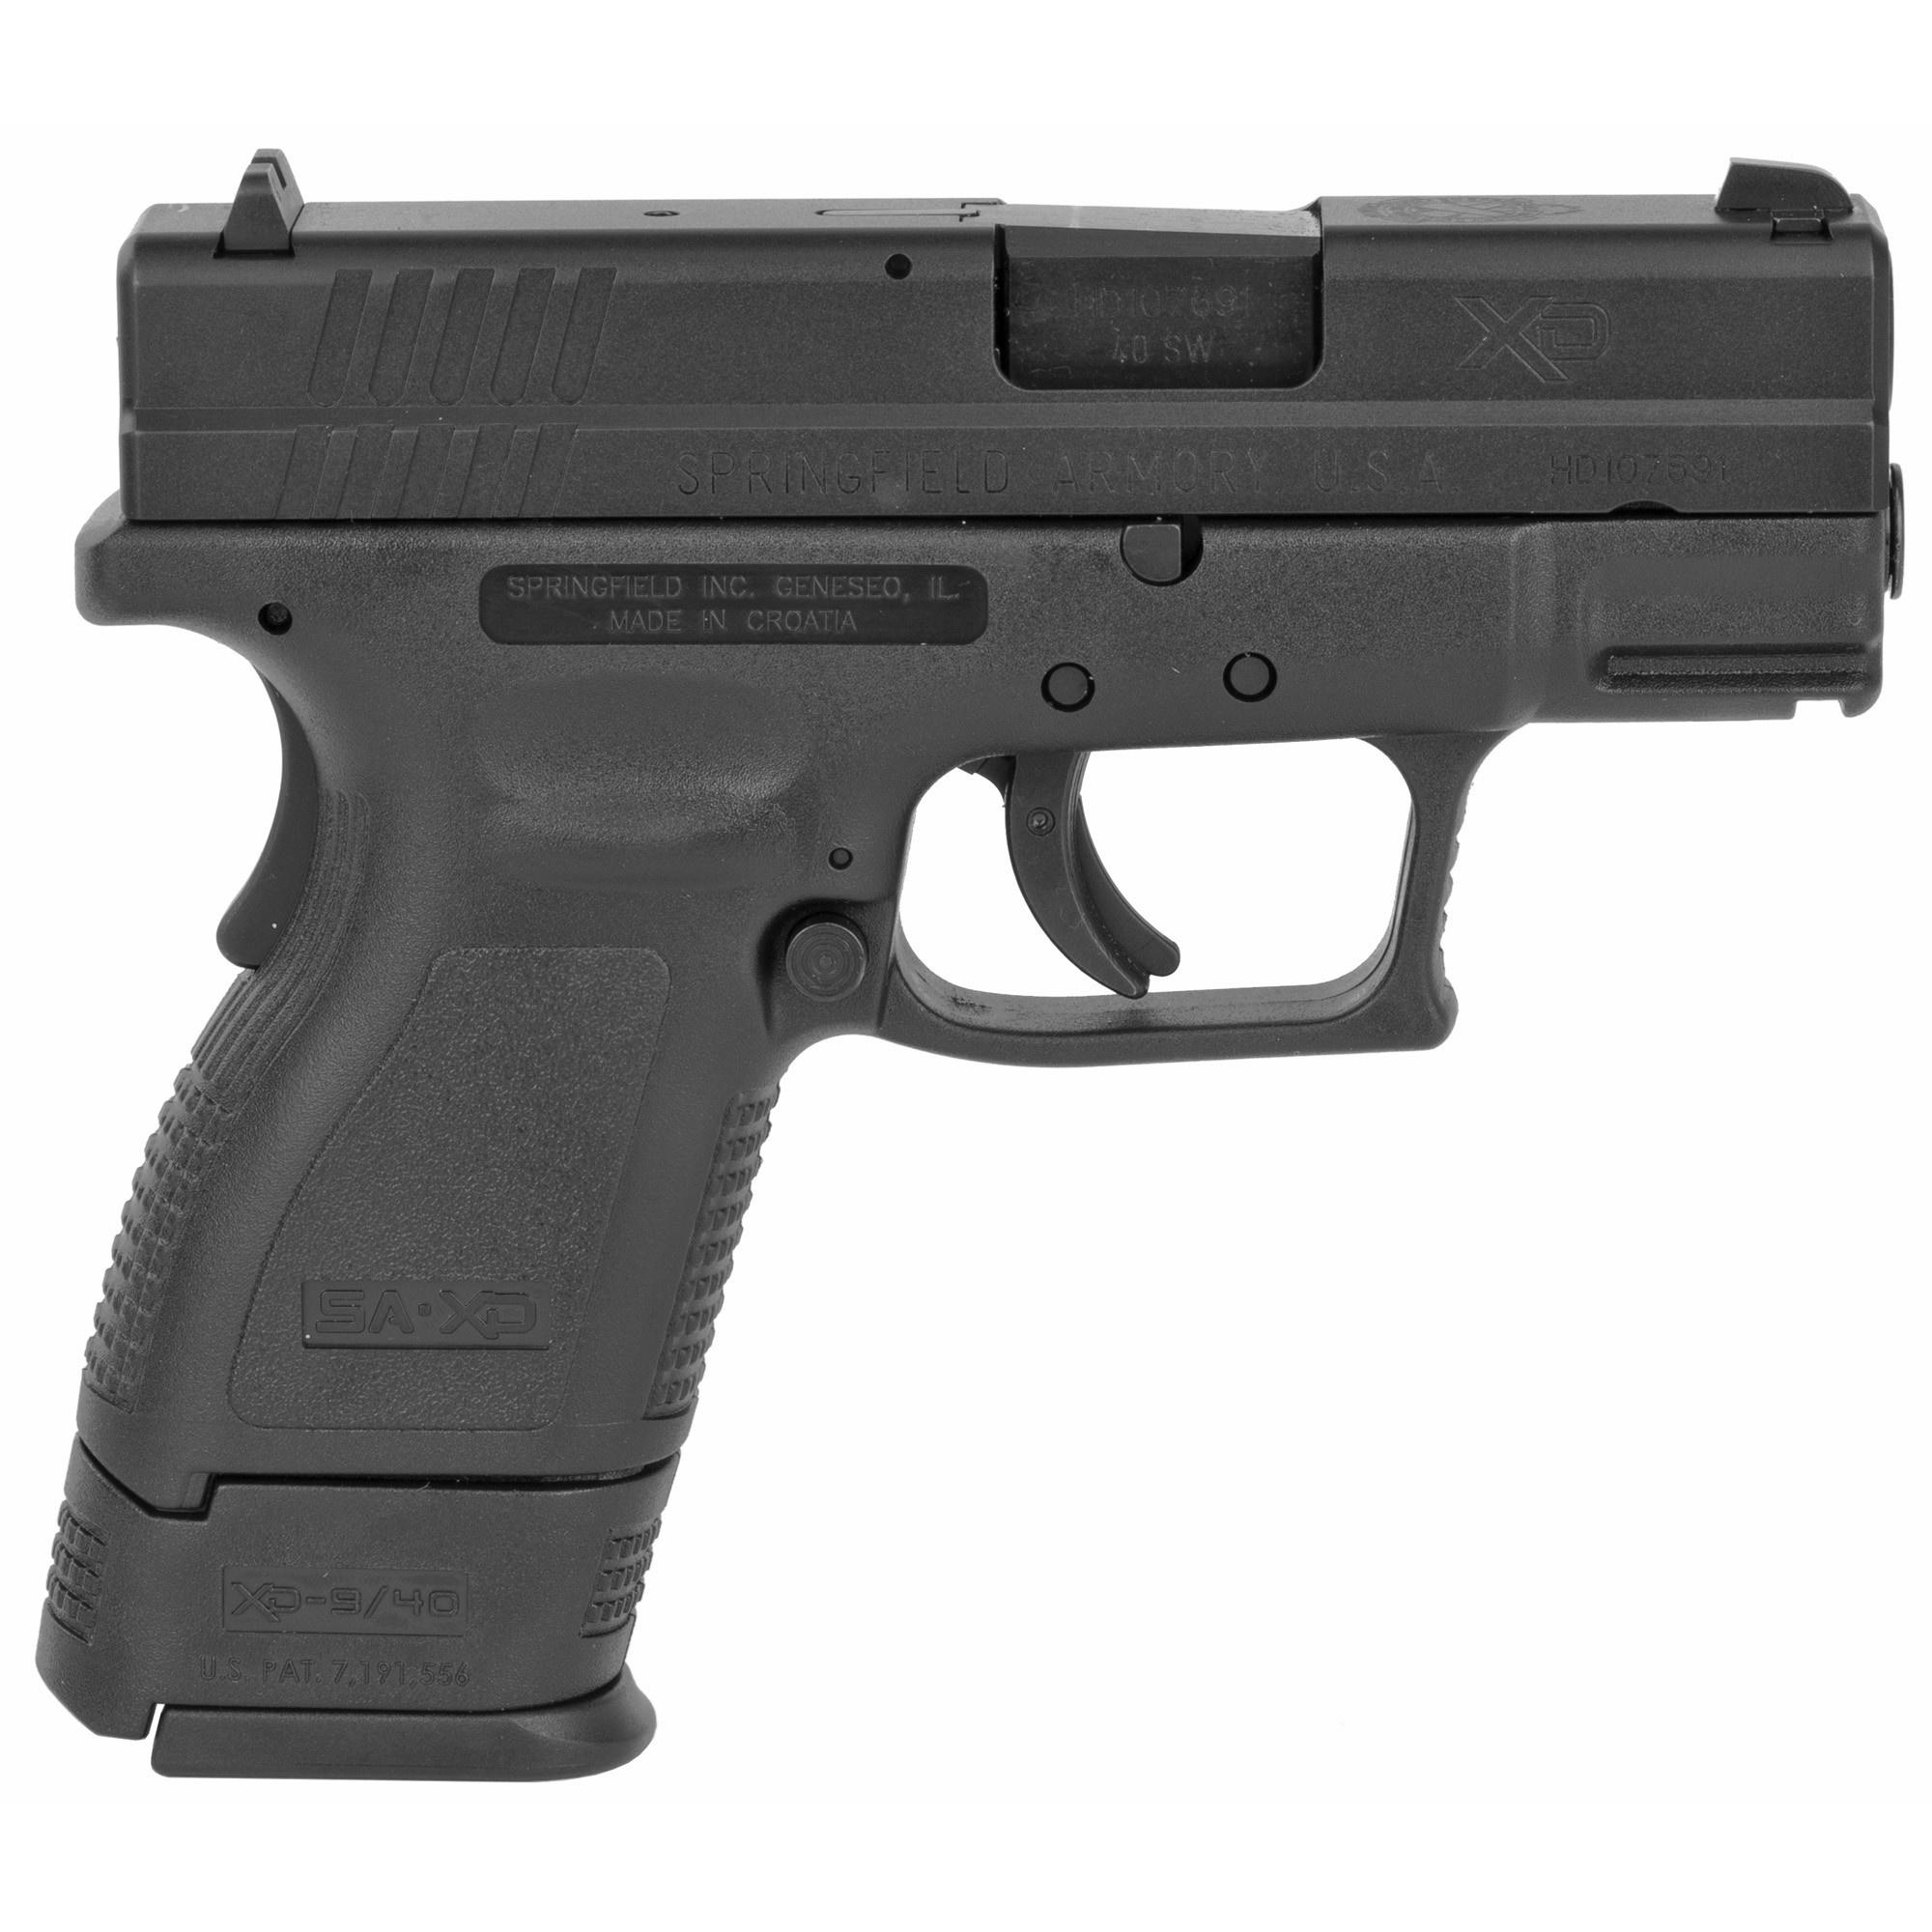 Springfield Armory XD40 Pistol 40S&W